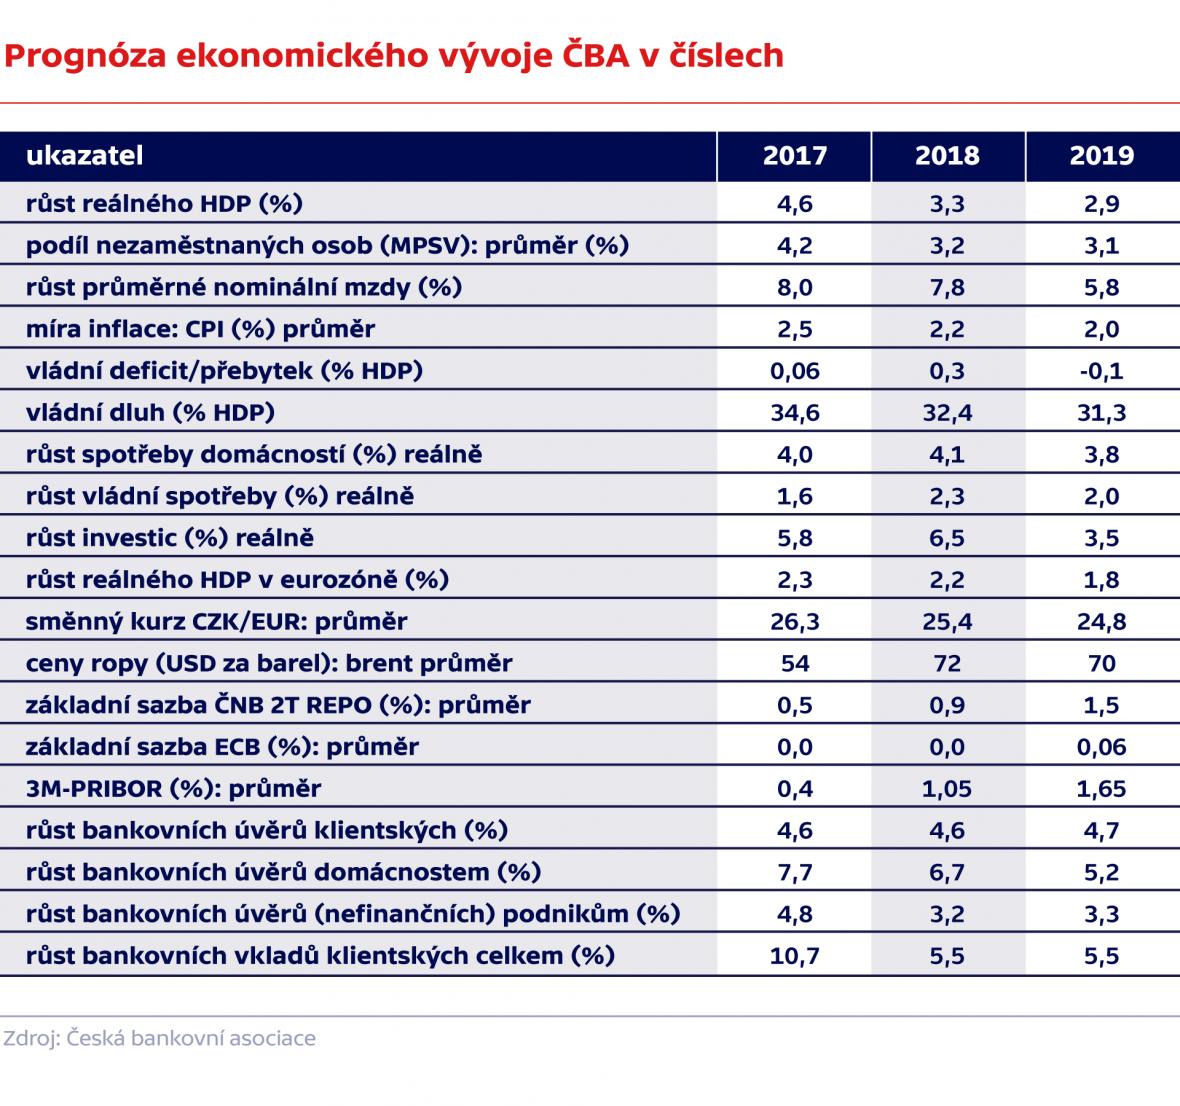 Prognóza ekonomického vývoje ČBA v číslech